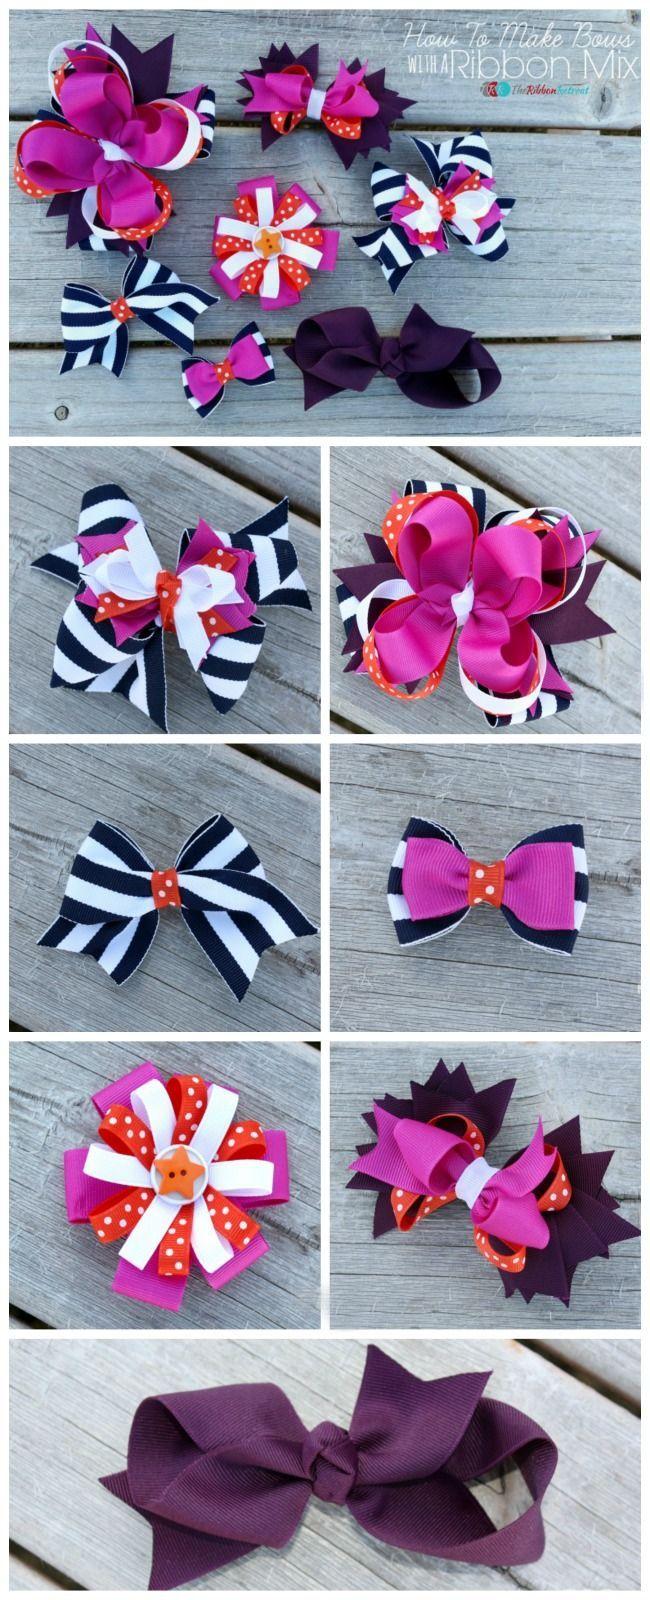 Ha hair bow ribbon wholesale - How To Make Hair Bows With A Ribbon Mix The Ribbon Retreat Blog